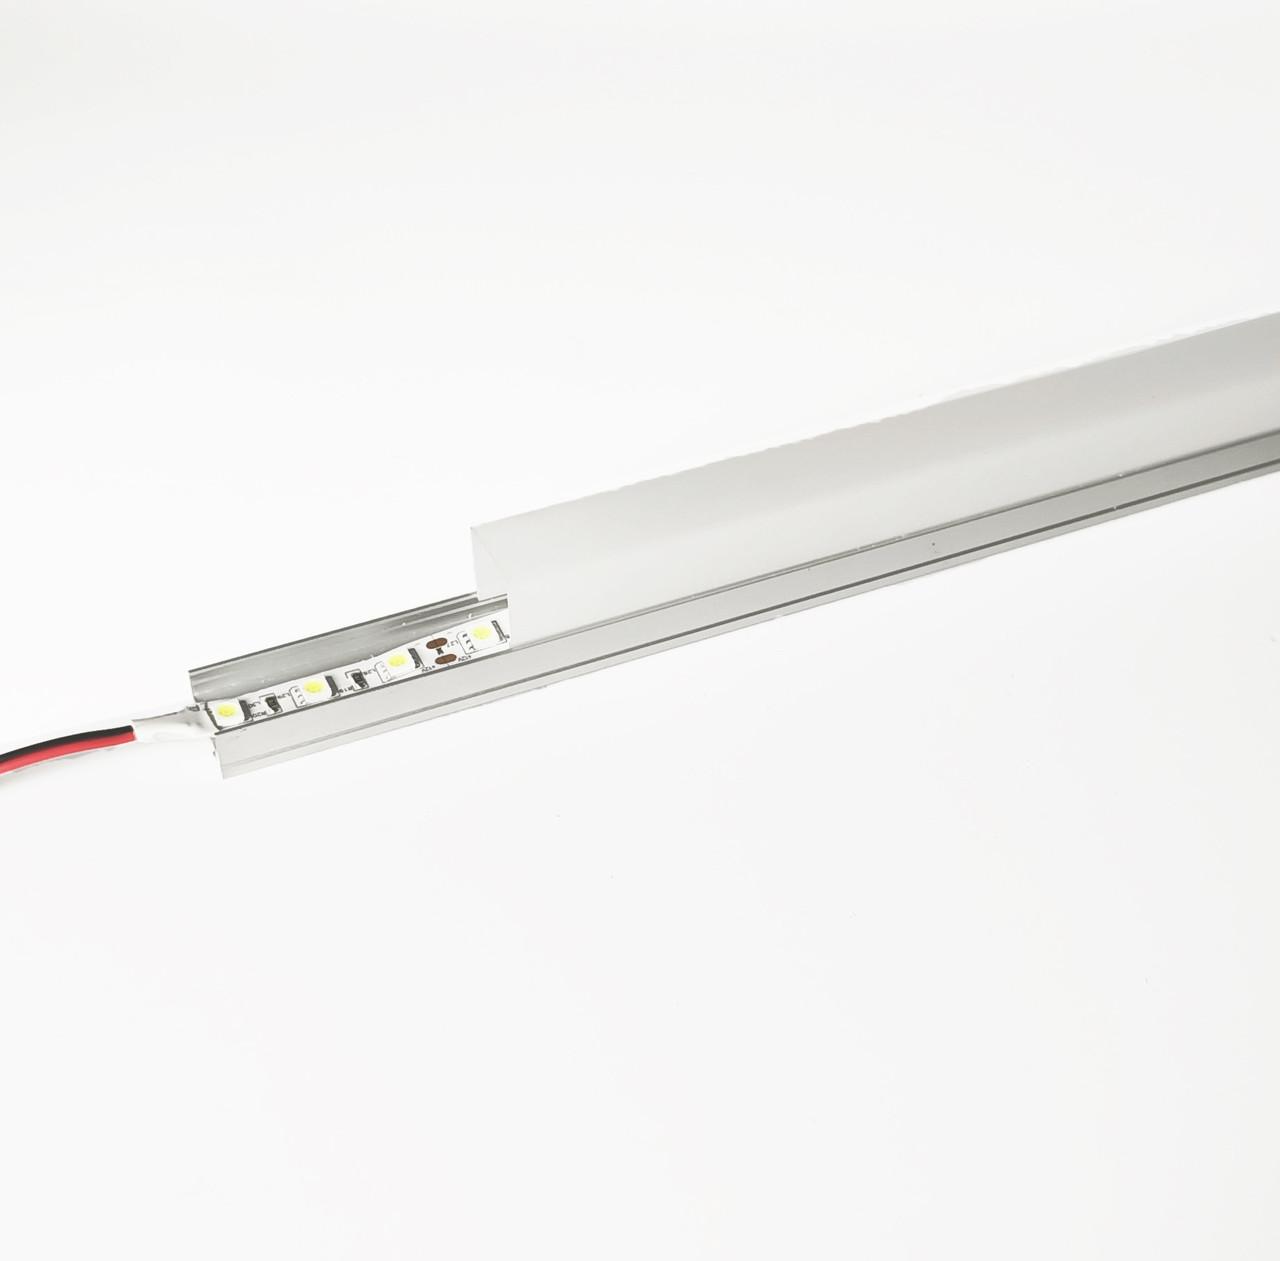 Алюминиевый световой профиль для подсветки в комплекте с рассеивателем (накладной HC-069B 20х27 4M)